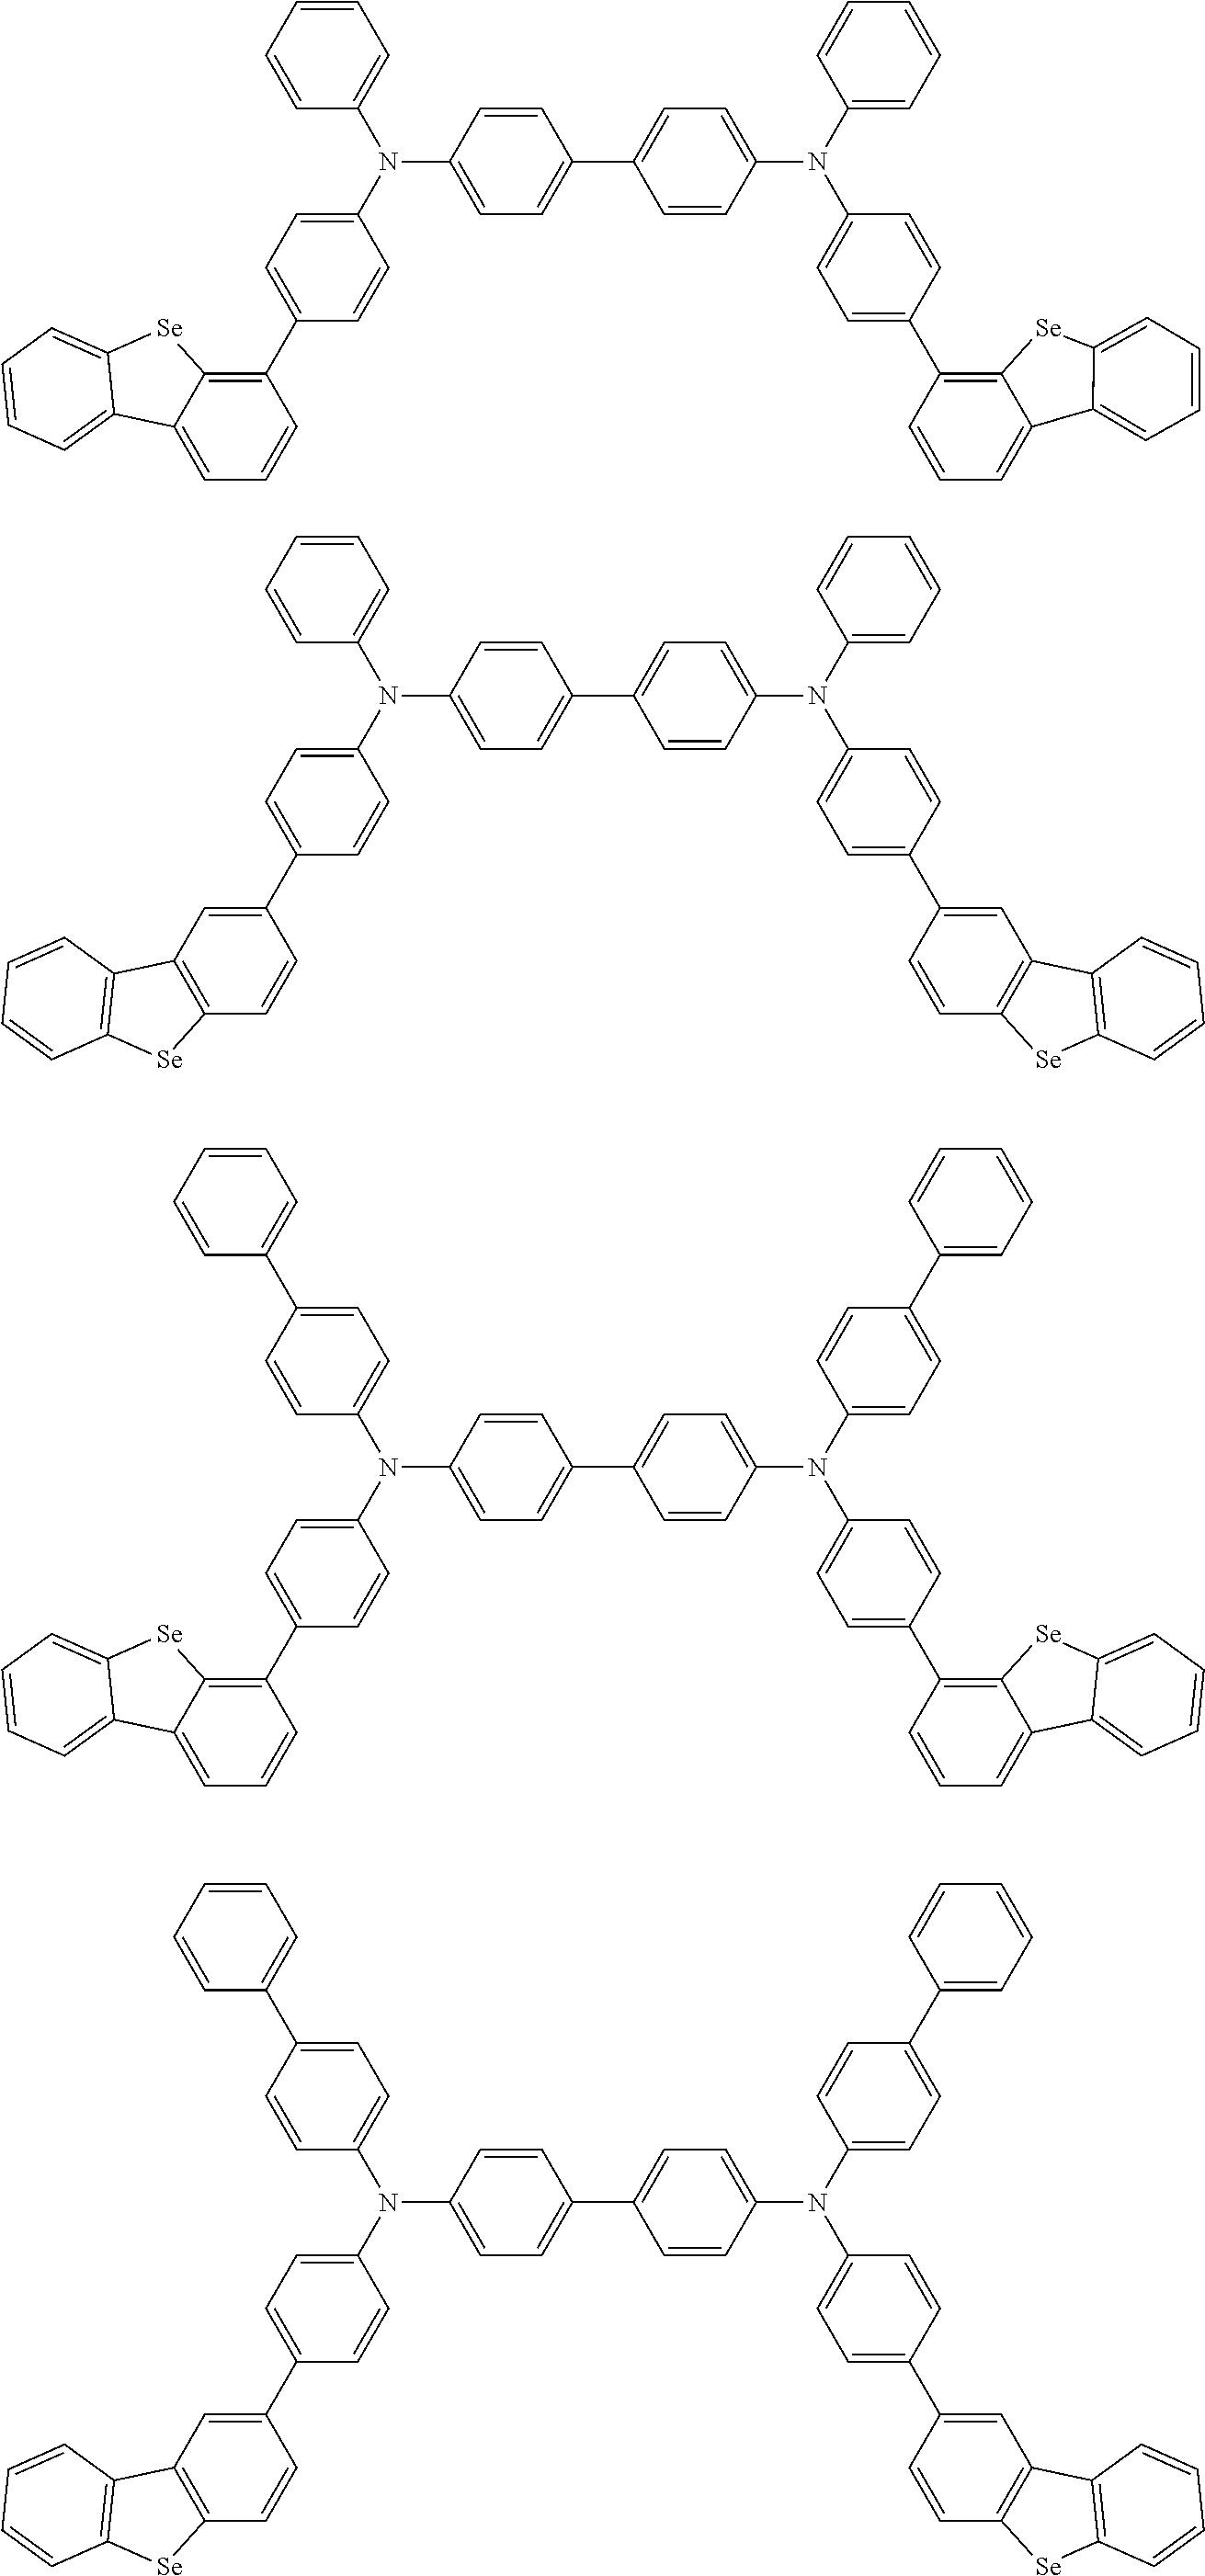 Figure US09455411-20160927-C00013